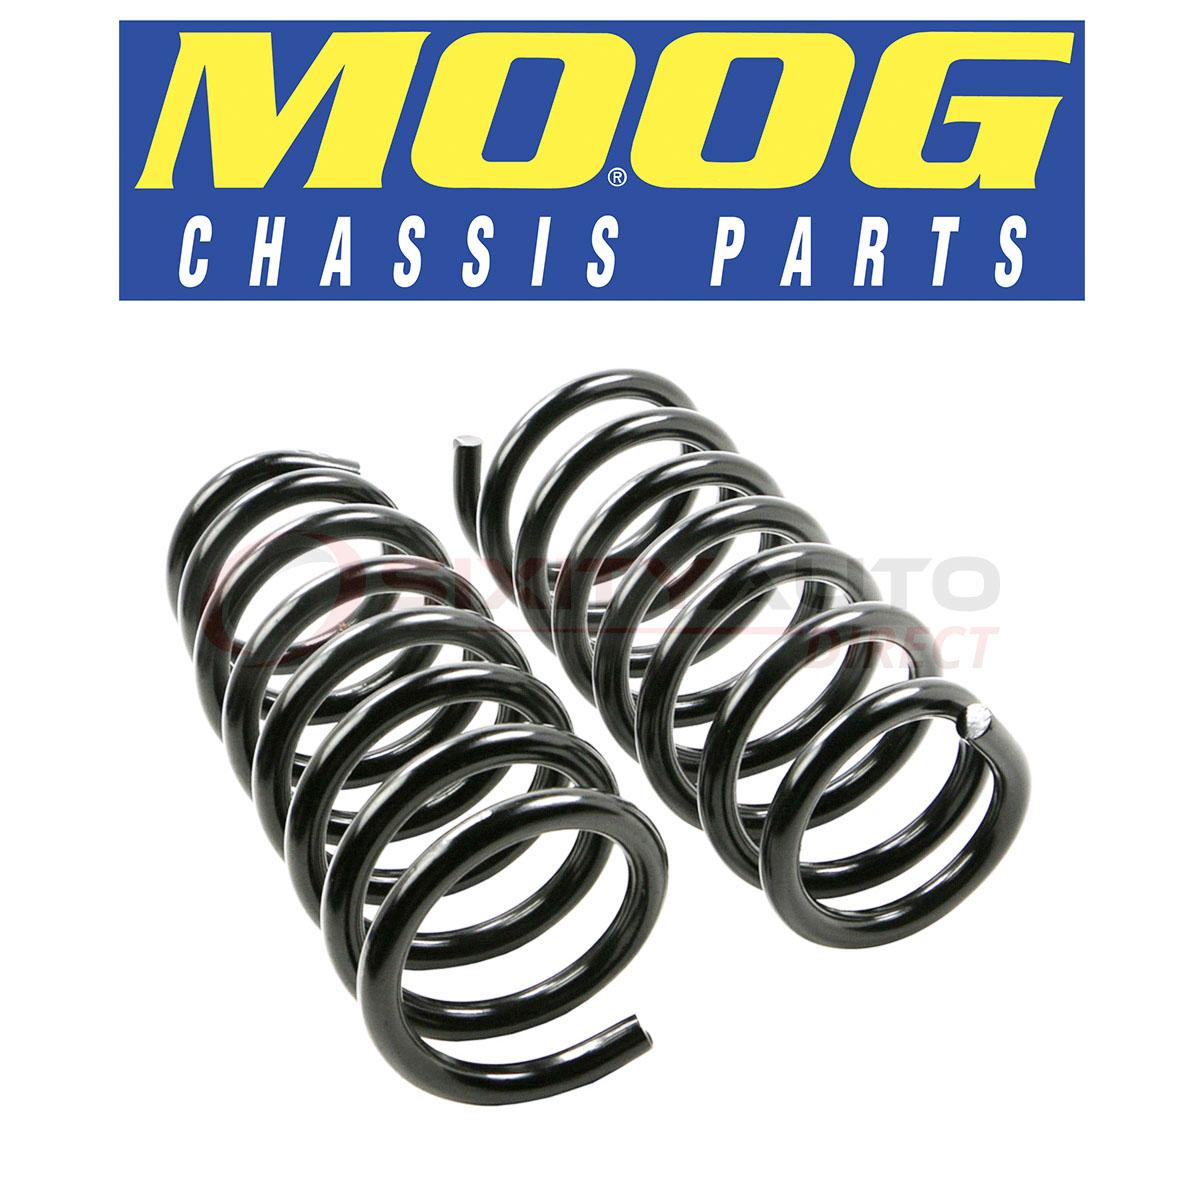 Suspension lp Moog Coil Spring Set for 2009-2011 Honda Pilot 3.5L V6